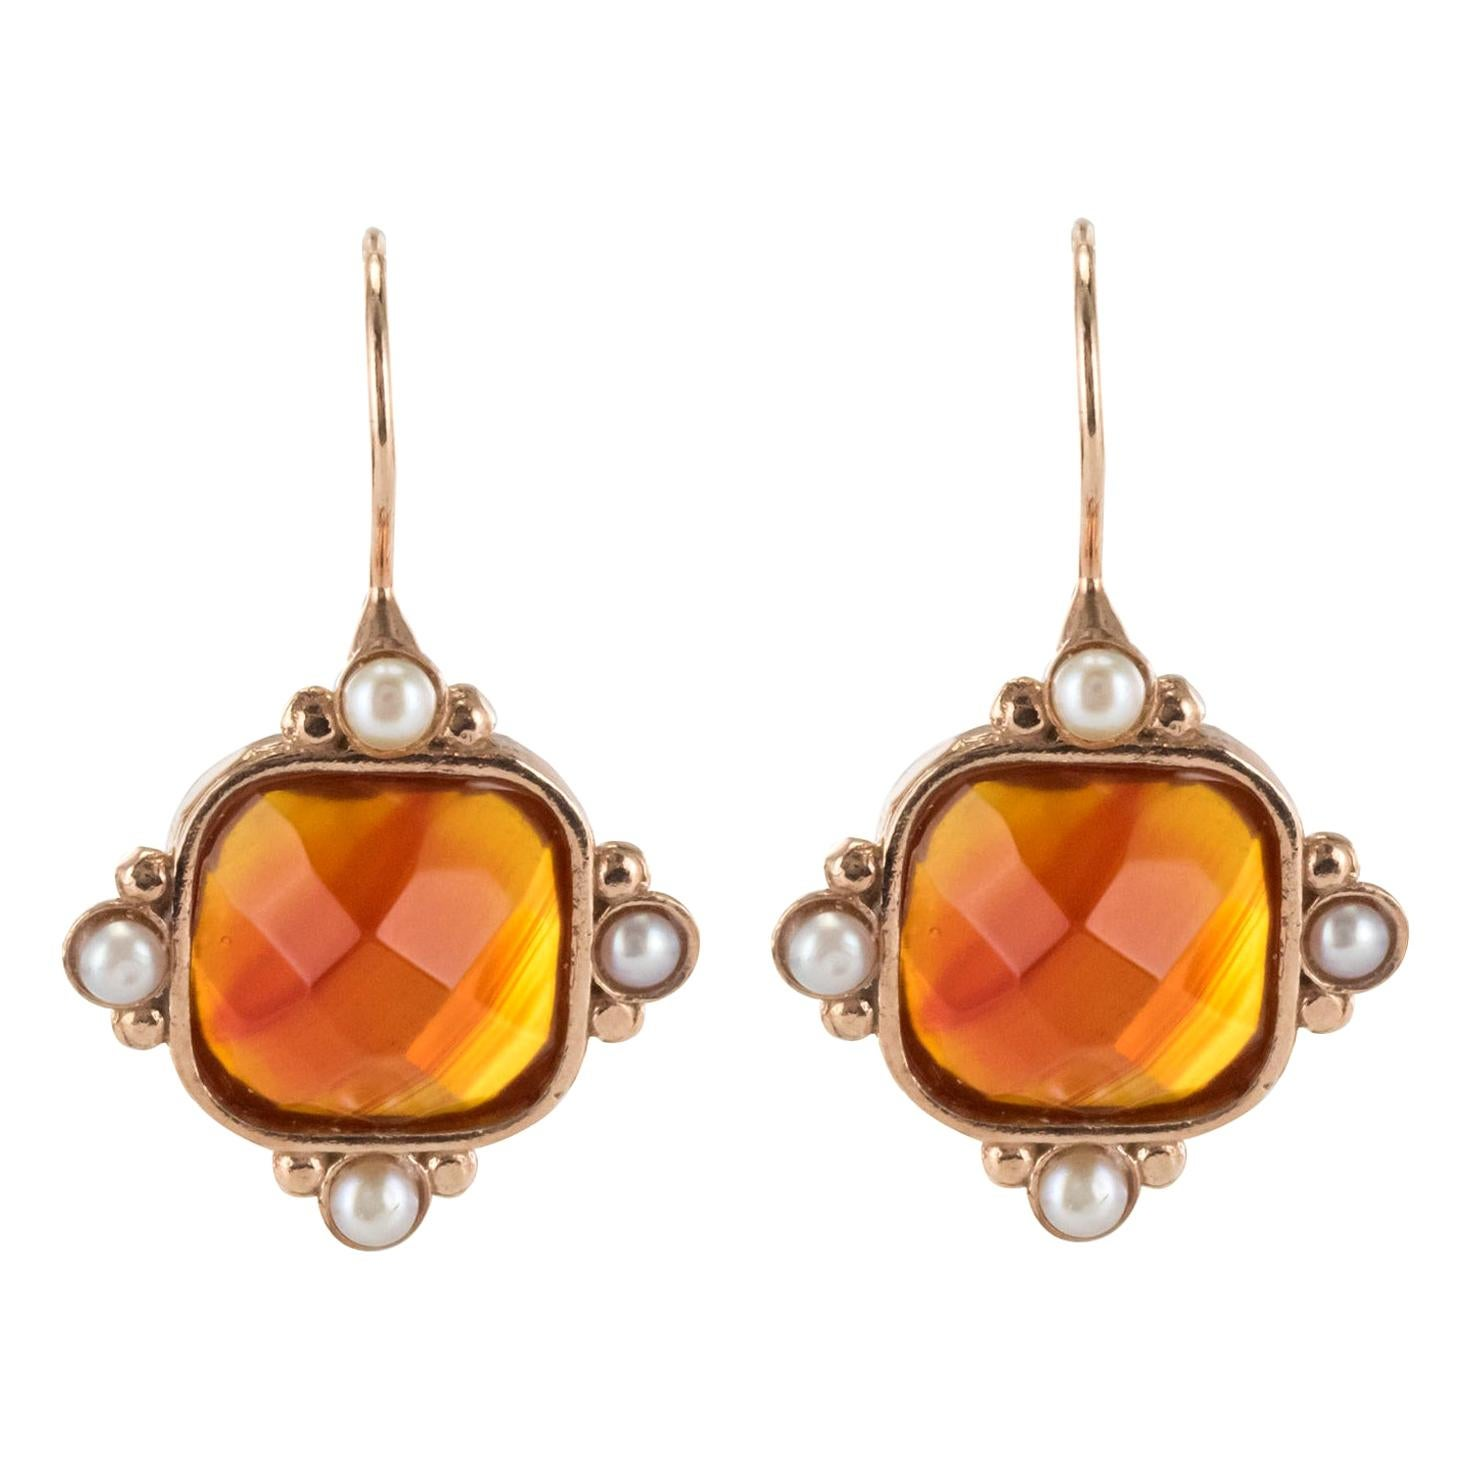 Italian Pearls and Faceted Crystal Vermeil Drop Earrings